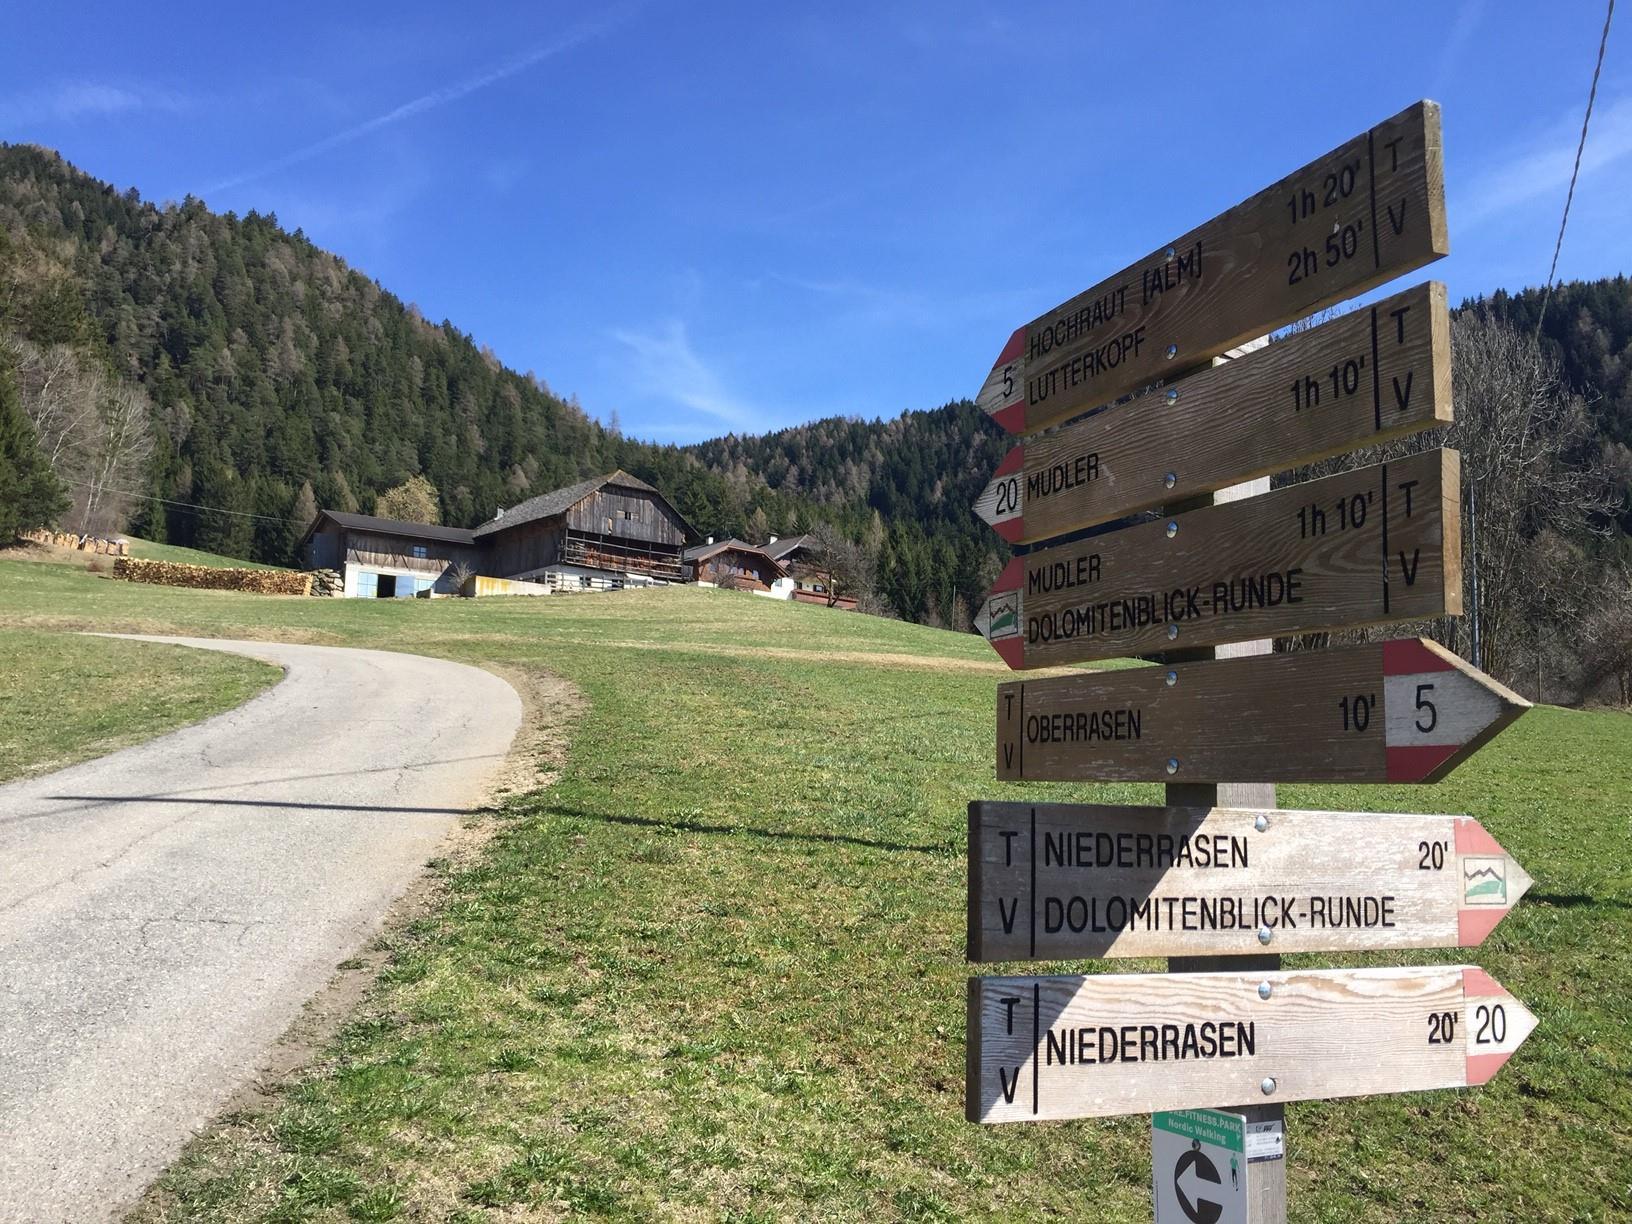 Hiking: Niederrasen - Oberstall - Oberrasen